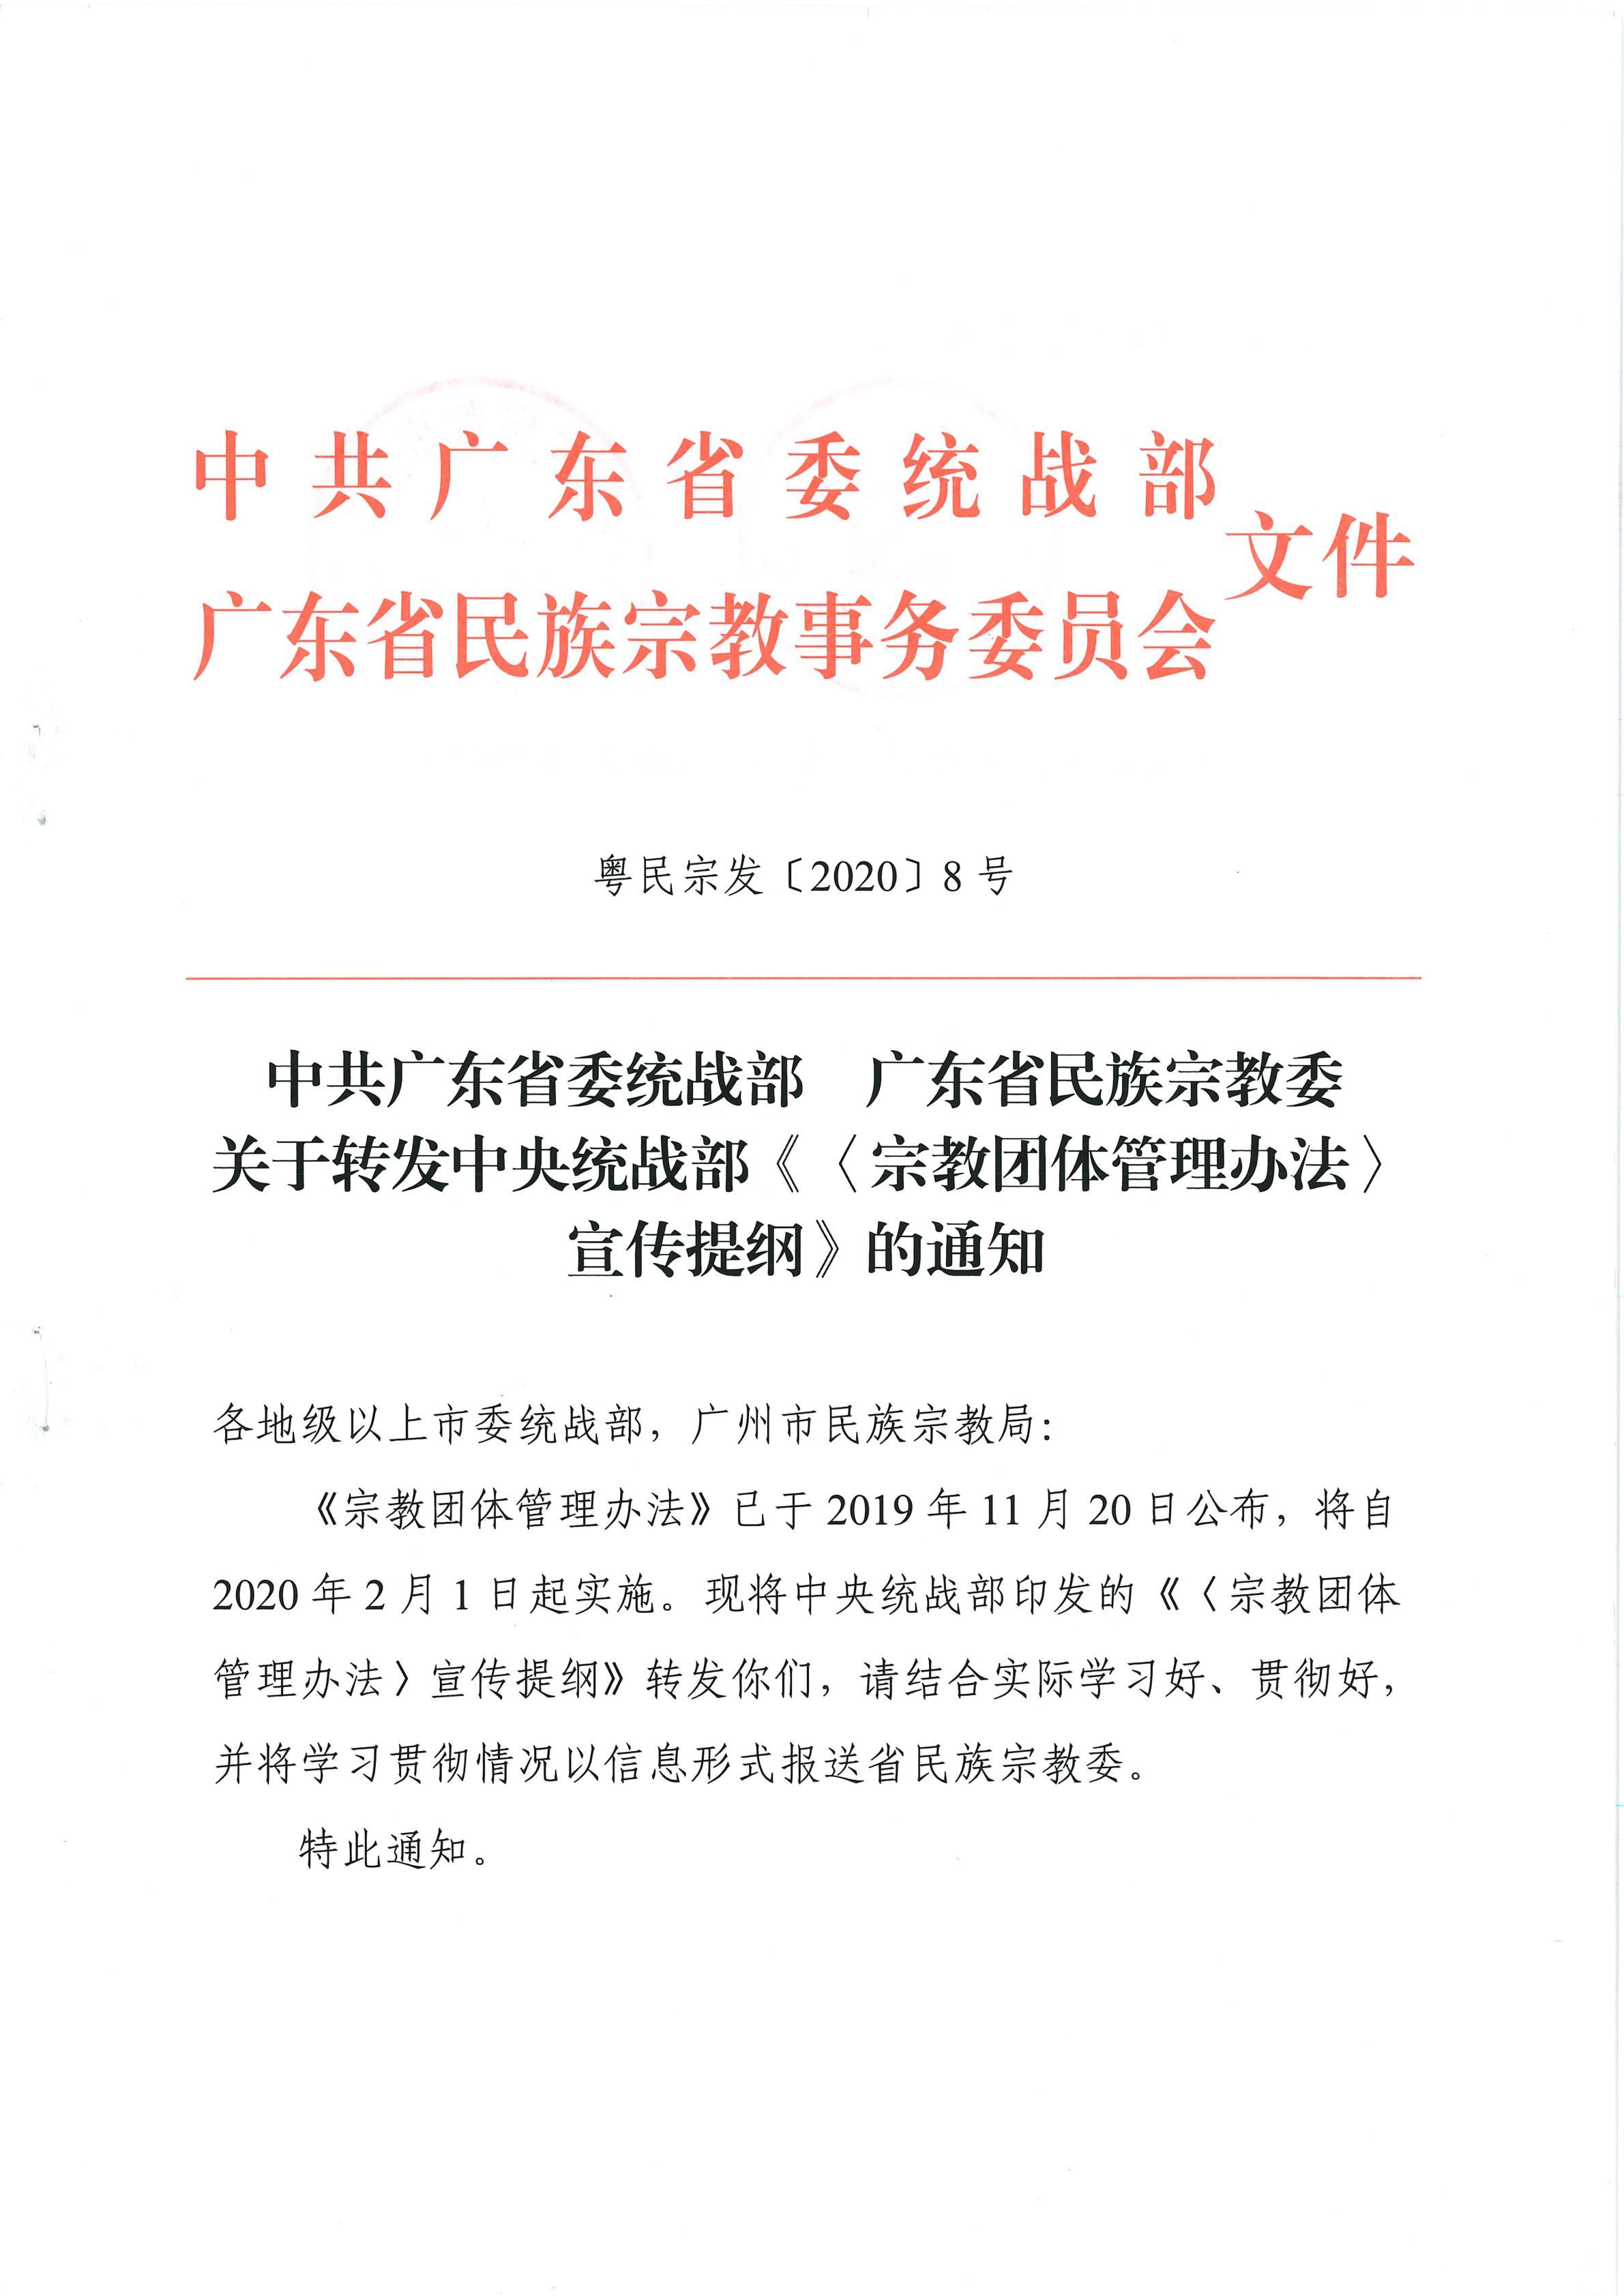 中共广东省委统战部广东省民族宗教委关于转发中央统战部《〈宗教团体管理办法〉宣传提纲》的通知_00.jpg